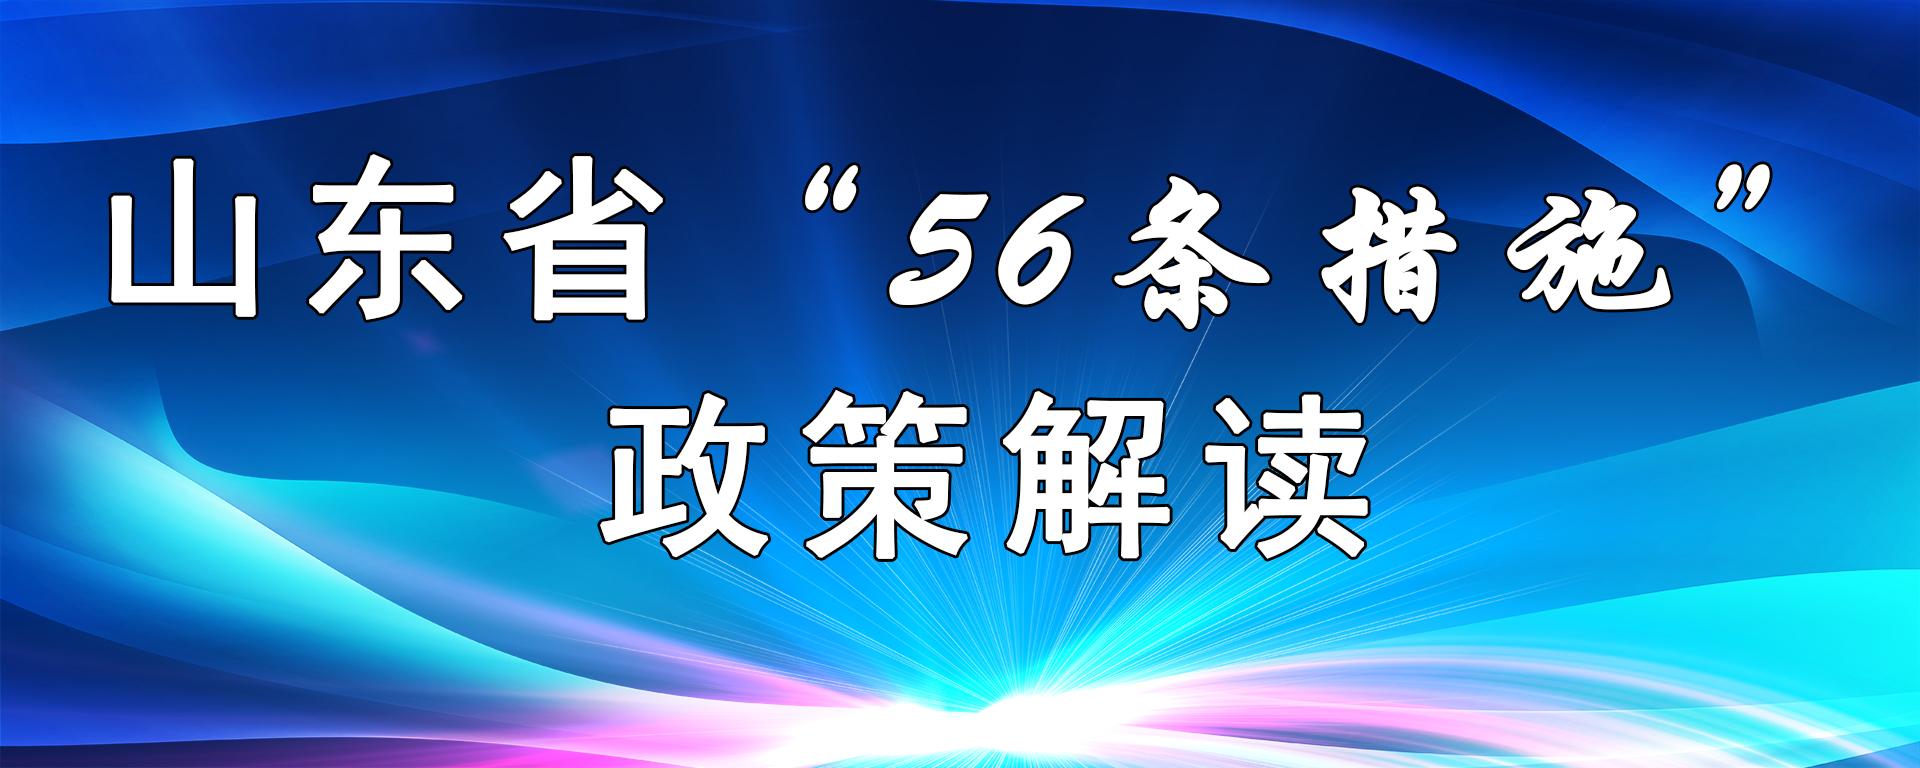 """山东省""""56条""""政策解读"""